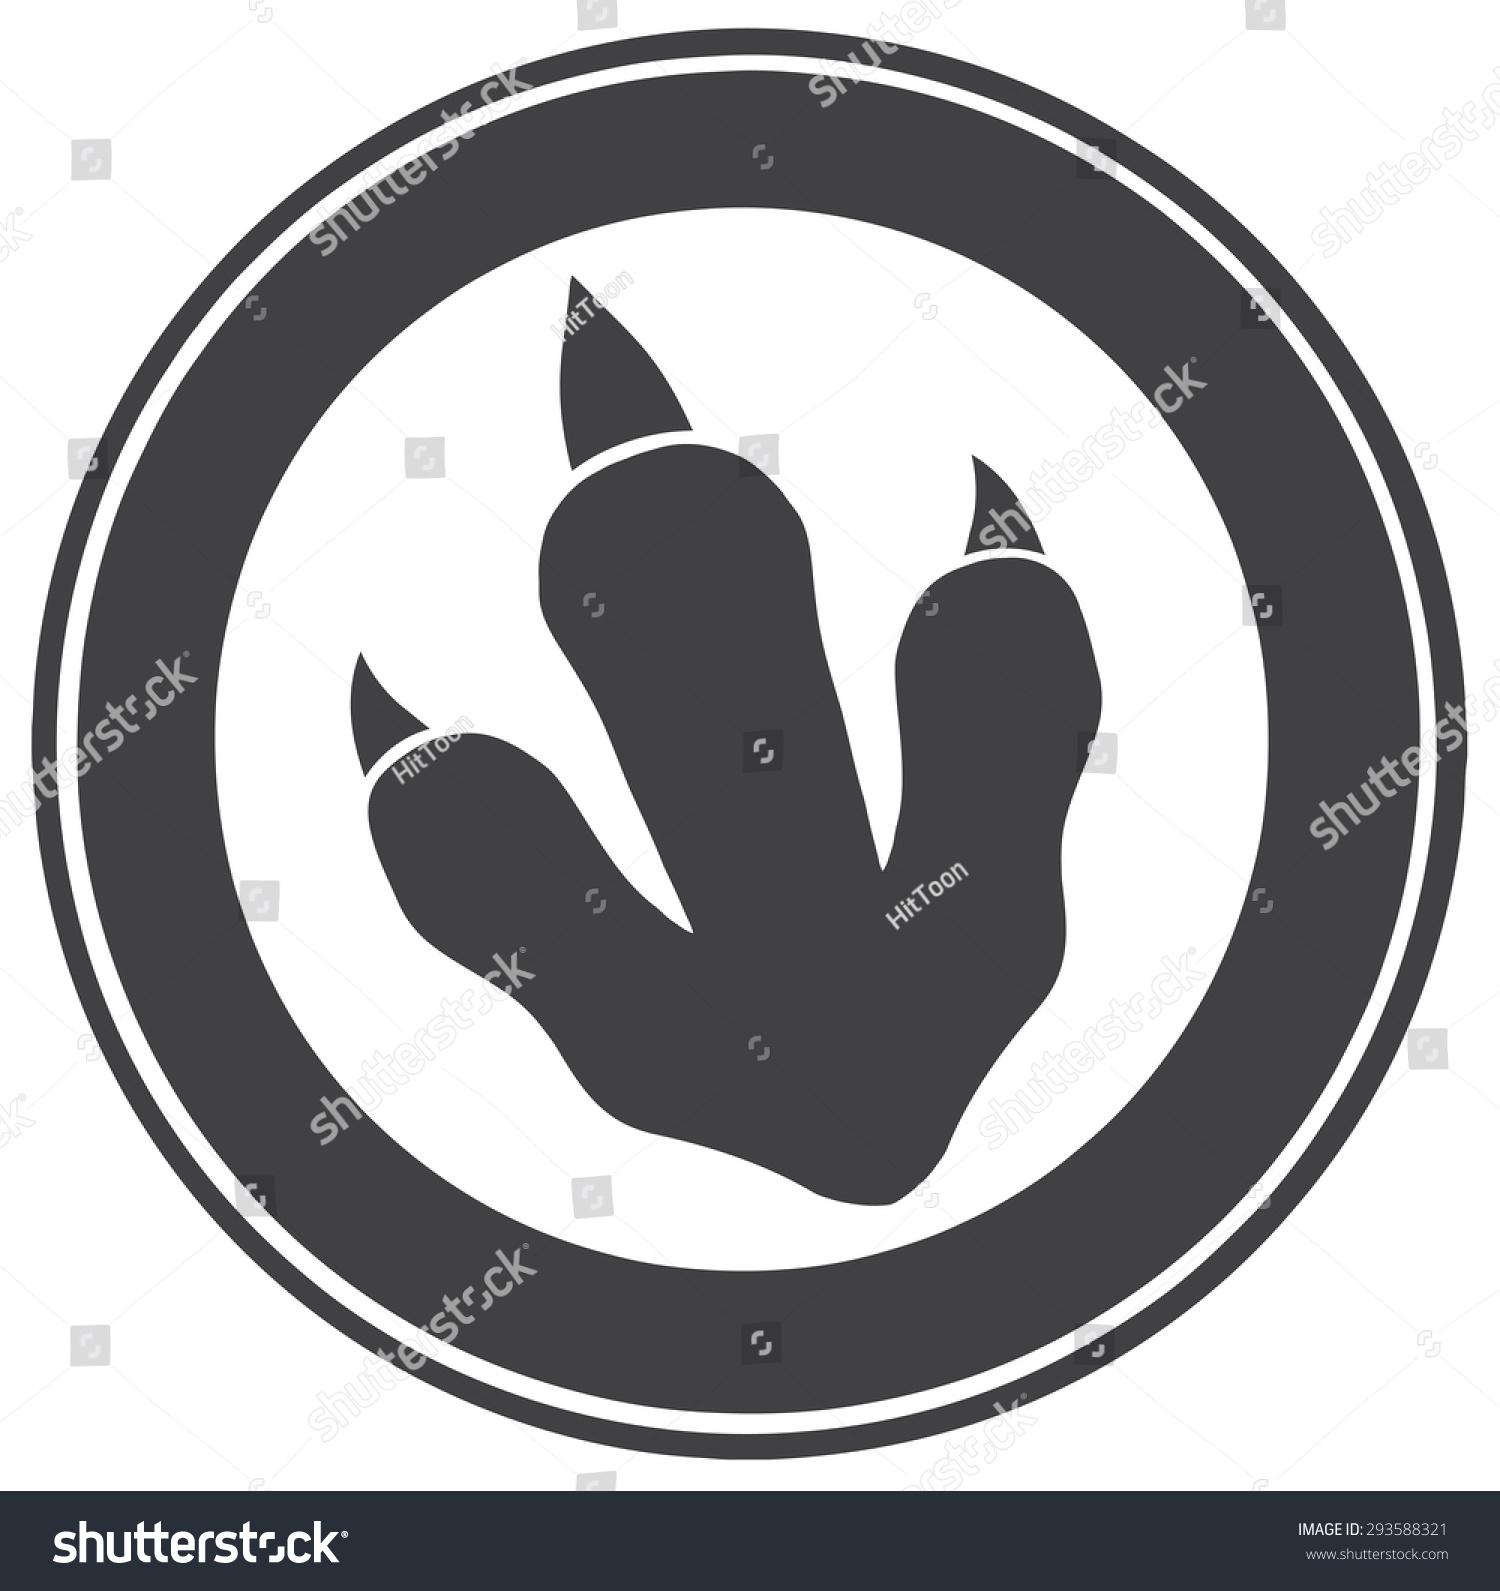 恐龙爪子印圆标签设计.光栅图-动物/野生生物,符号